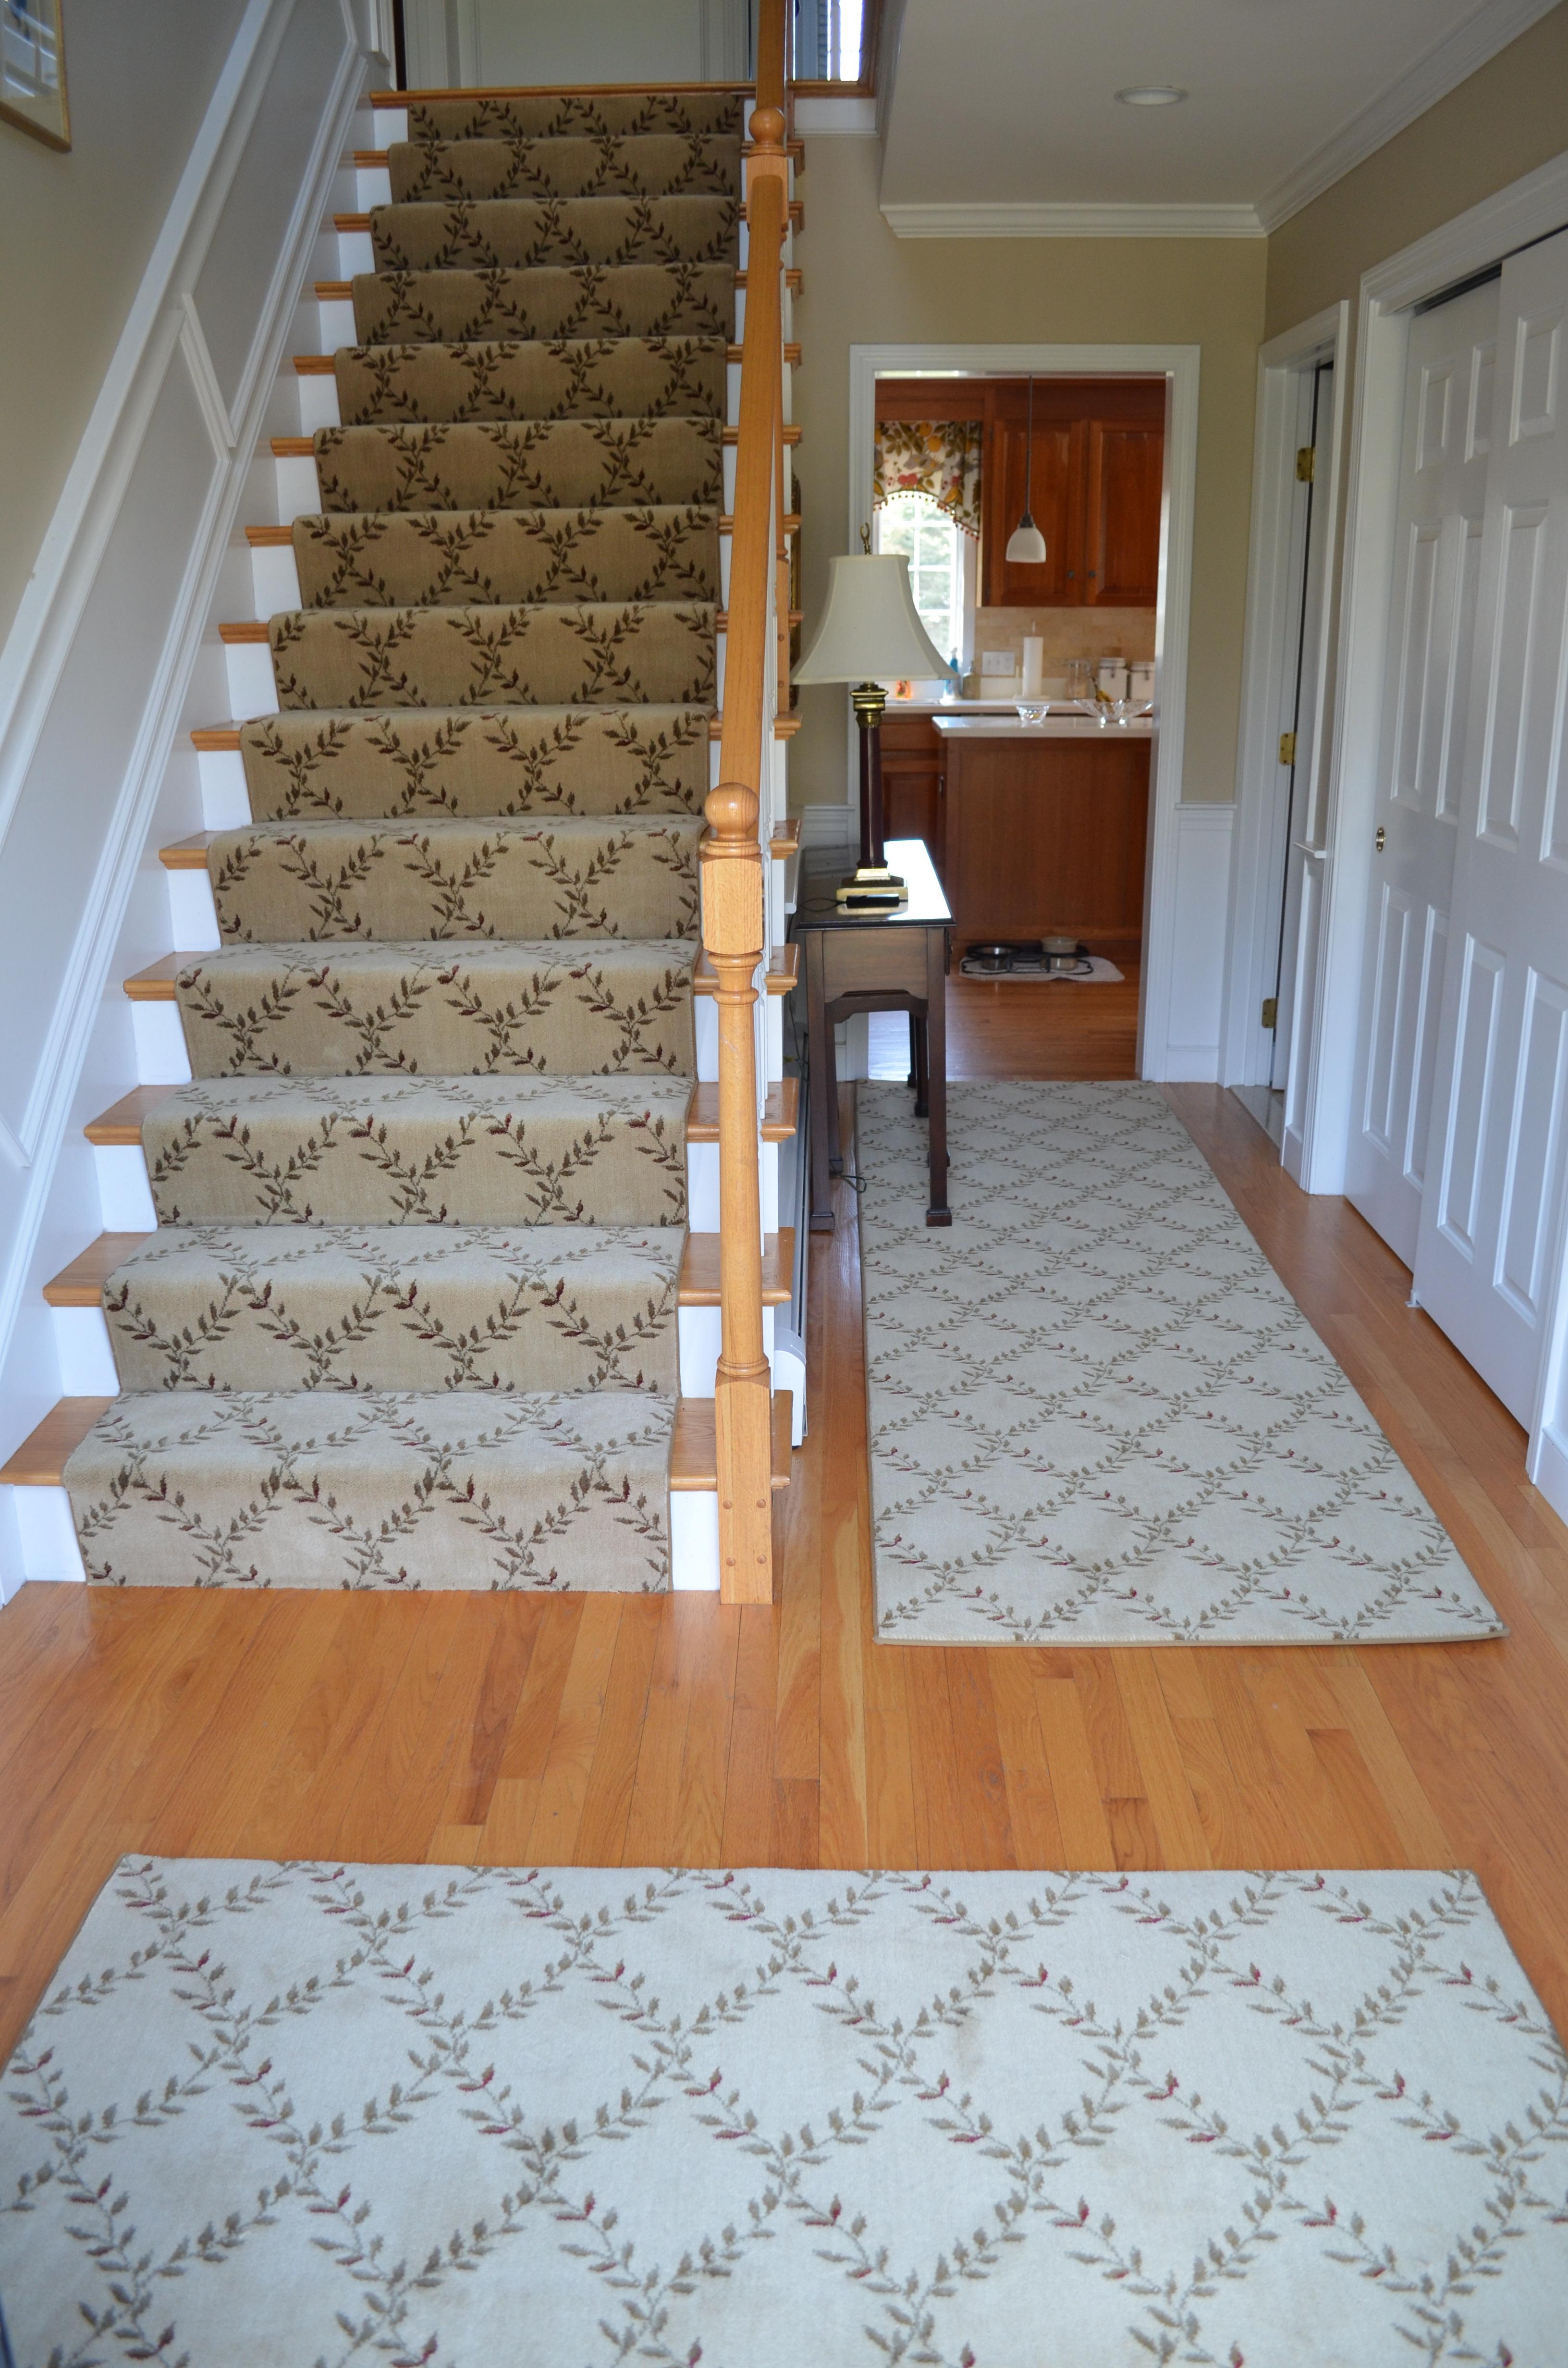 Flooring Lovely Hallway Runners For Floor Decor Idea Intended For Hallway Runners For Dogs (#12 of 20)